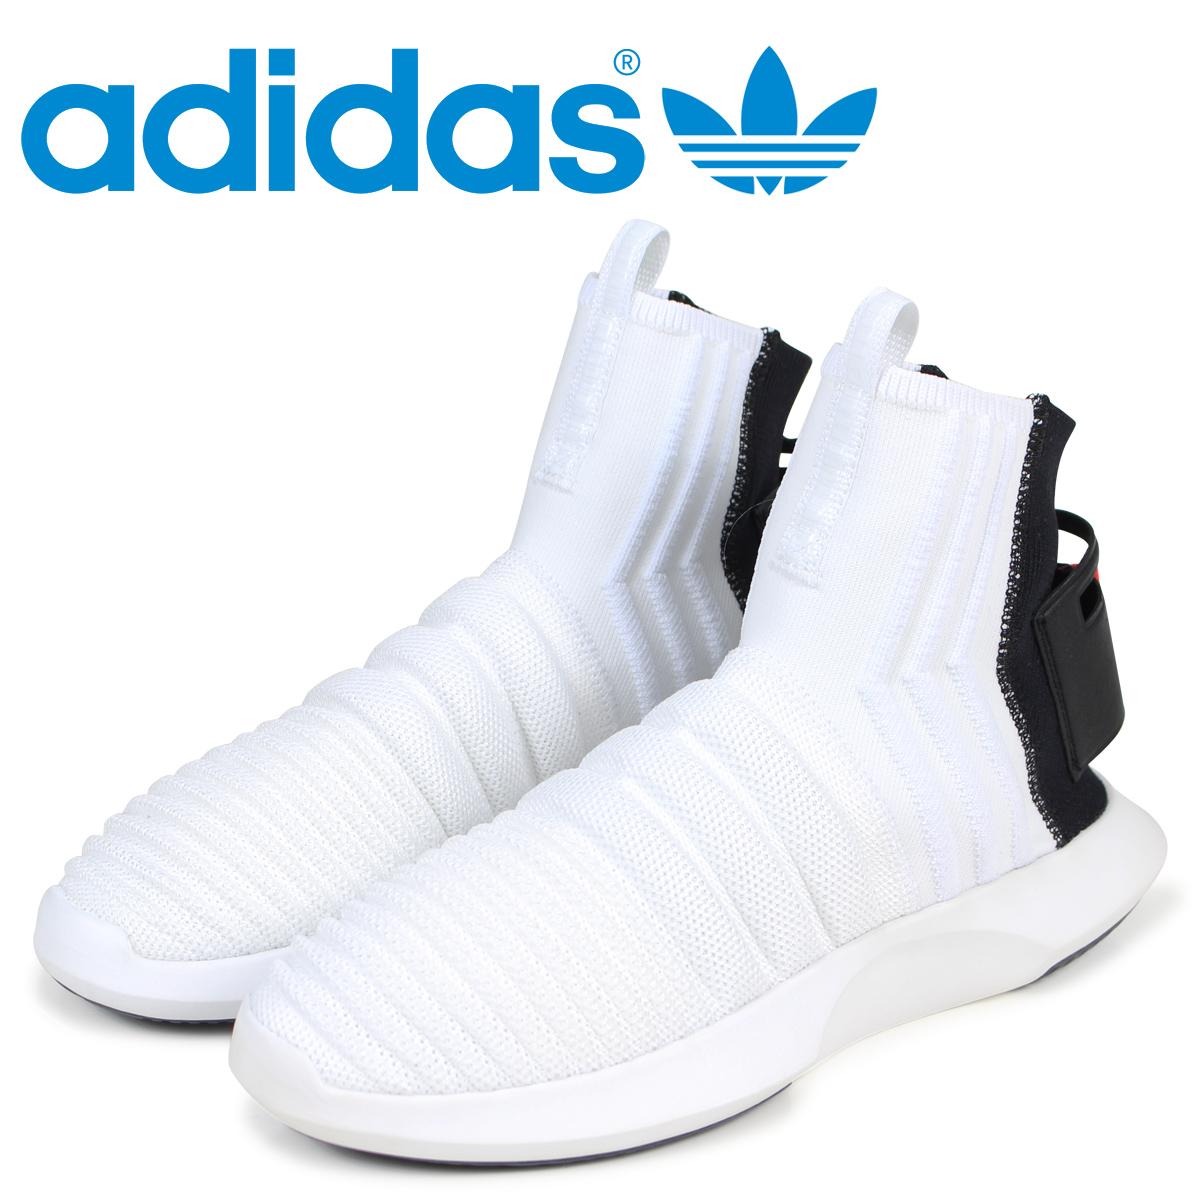 安いそれに目立つ adidas オリジナルス Originals クレイジー 1 アディダス アディダス スニーカー CRAZY 1 ADV CRAZY SOCK PK メンズ CQ0985 ホワイト オリジナルス, 三浦市:74ec9aff --- clftranspo.dominiotemporario.com